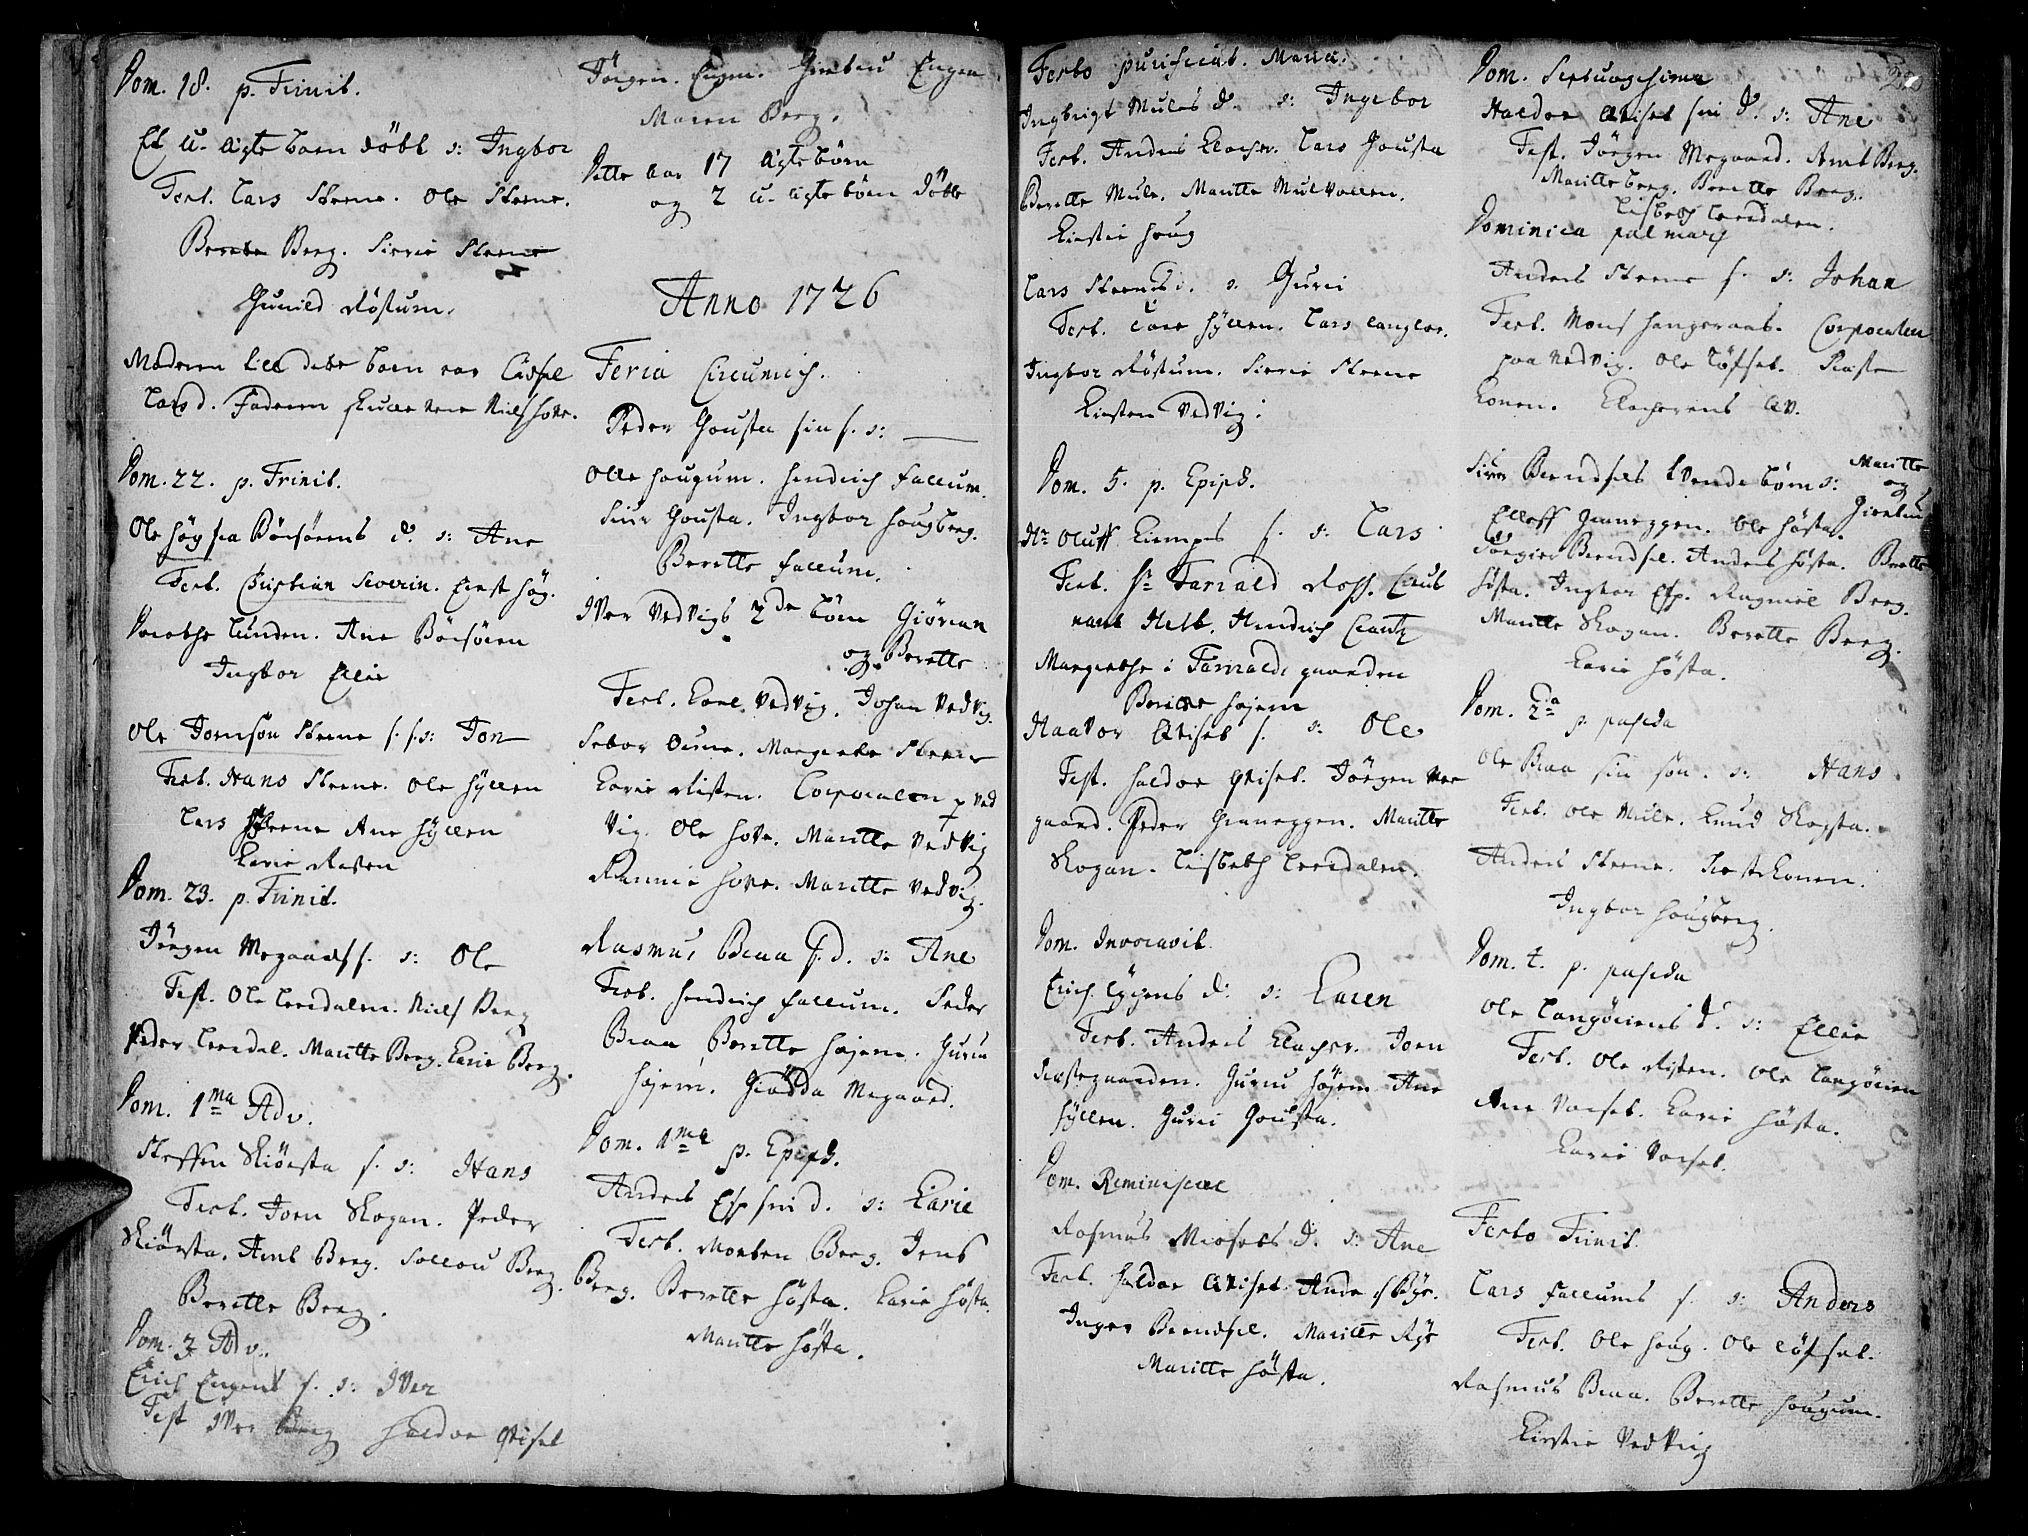 SAT, Ministerialprotokoller, klokkerbøker og fødselsregistre - Sør-Trøndelag, 612/L0368: Ministerialbok nr. 612A02, 1702-1753, s. 22